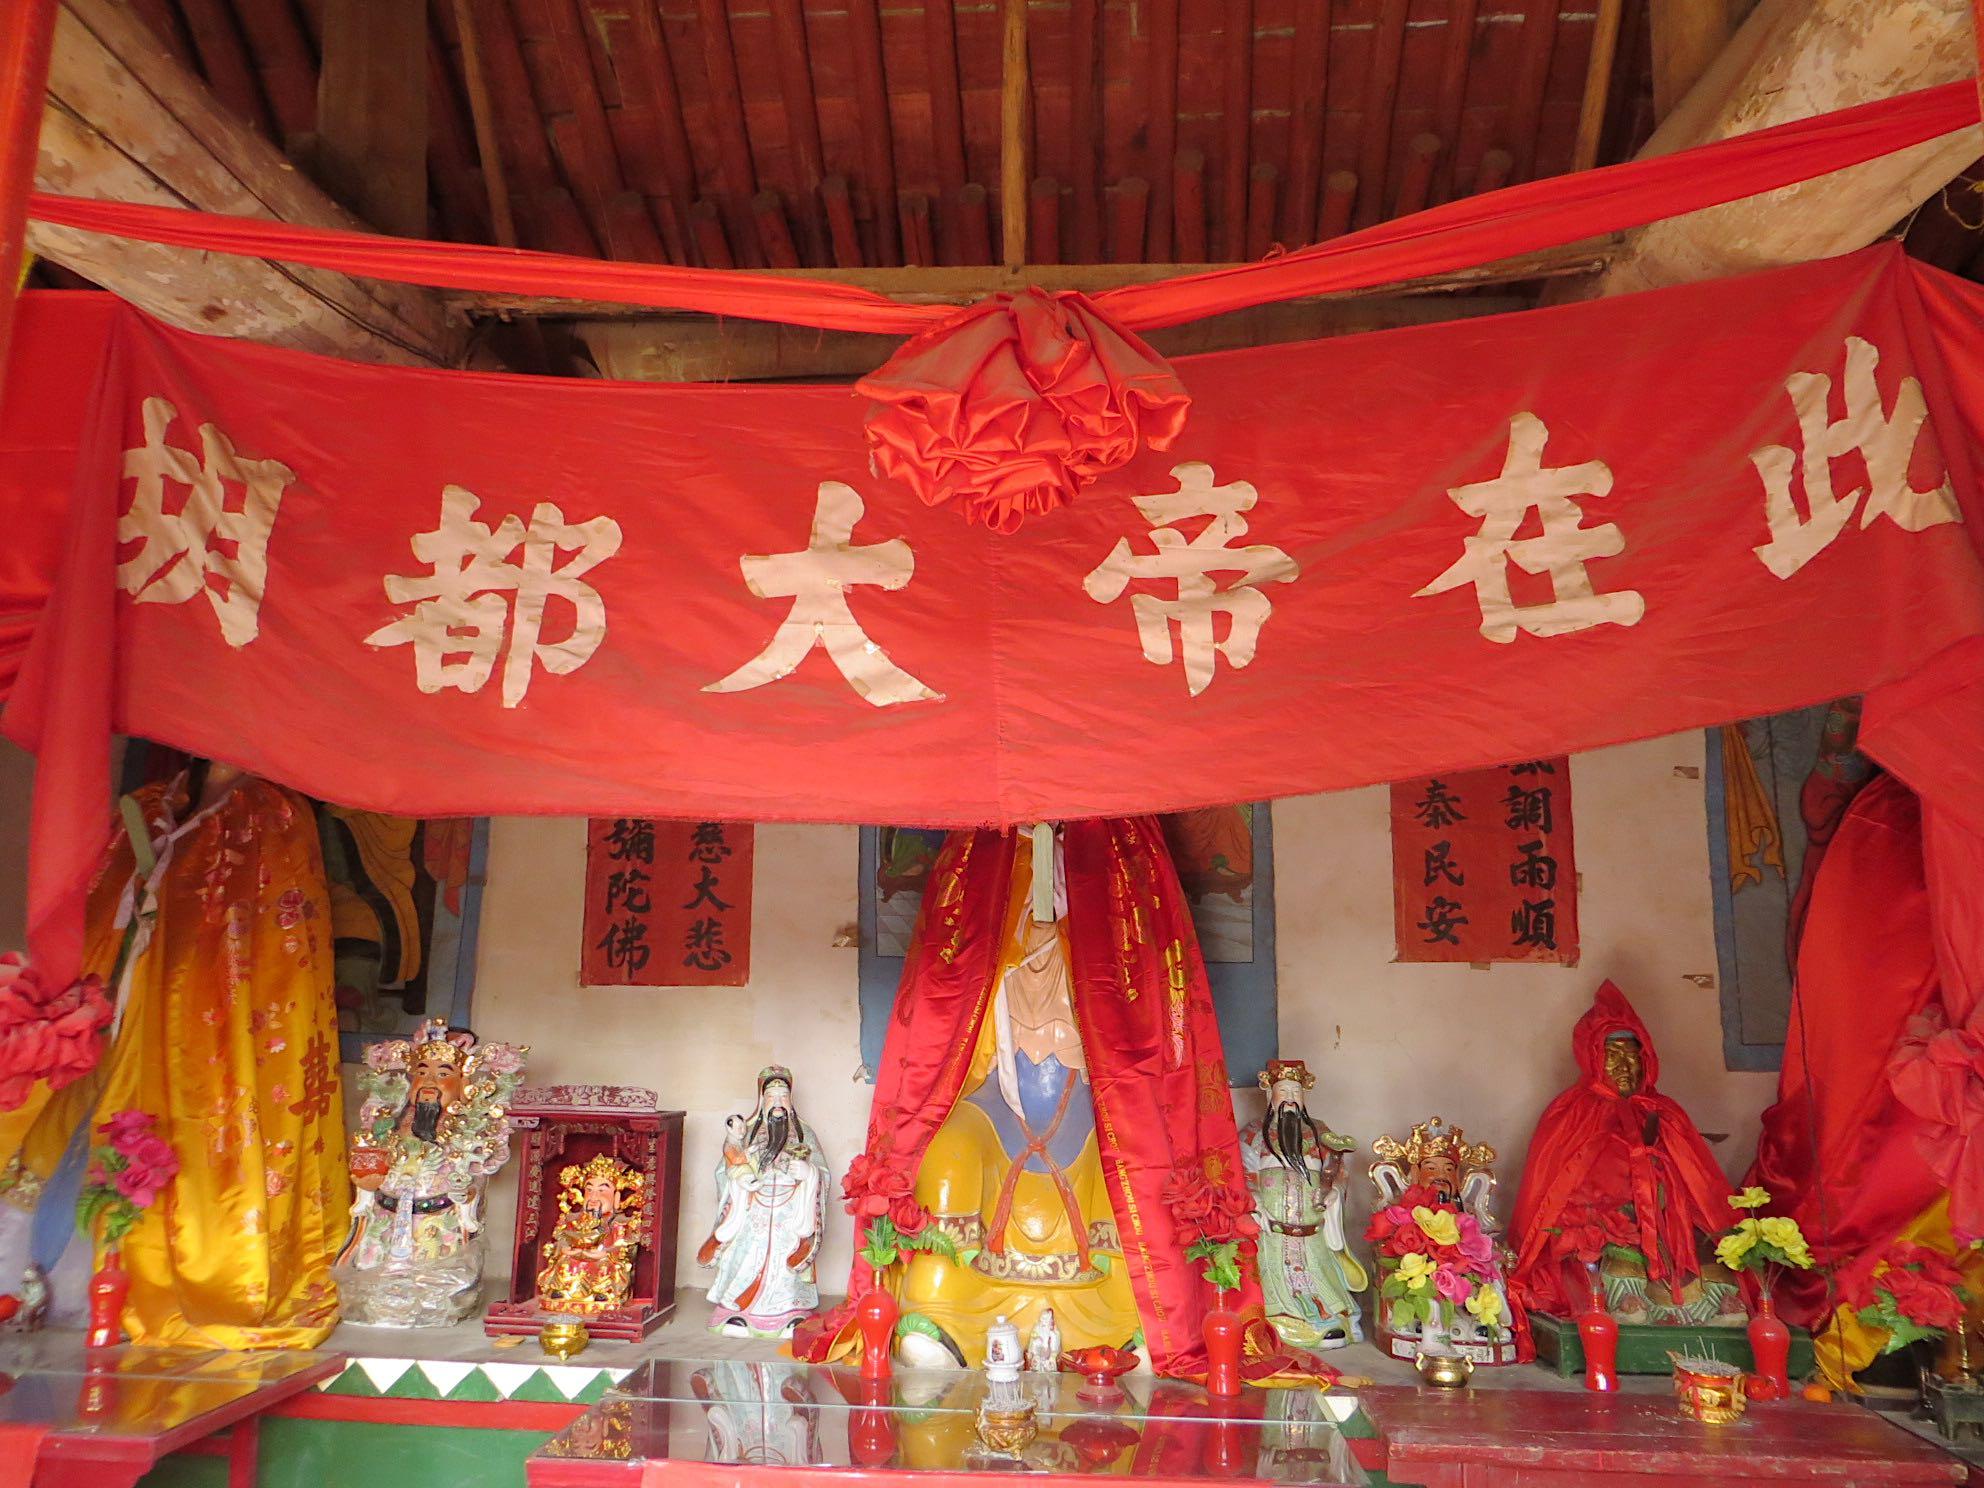 Hutu statues